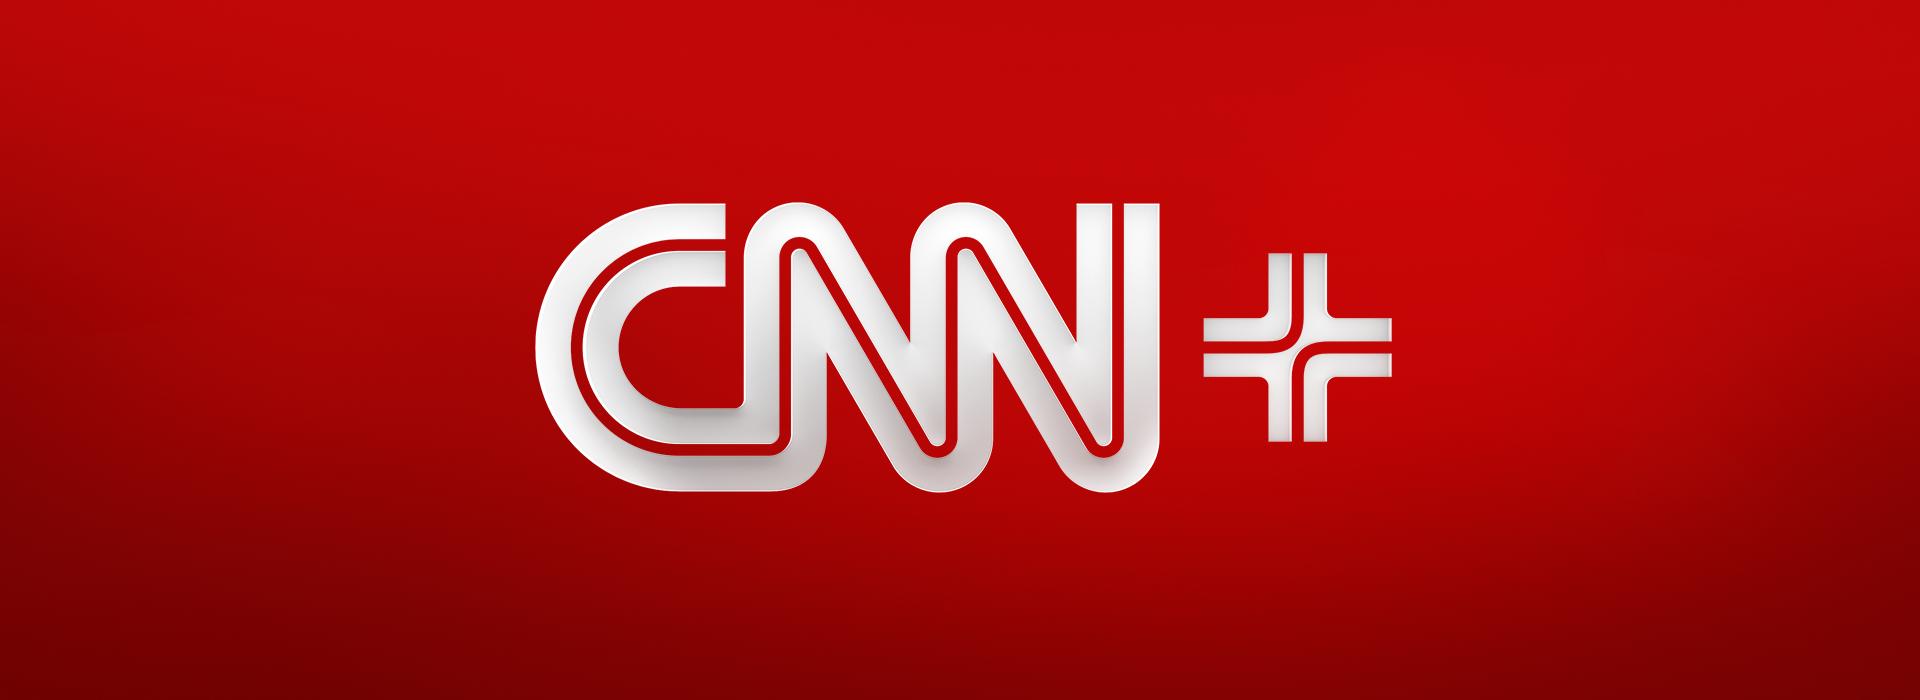 CNN+ Logo against red gradient background